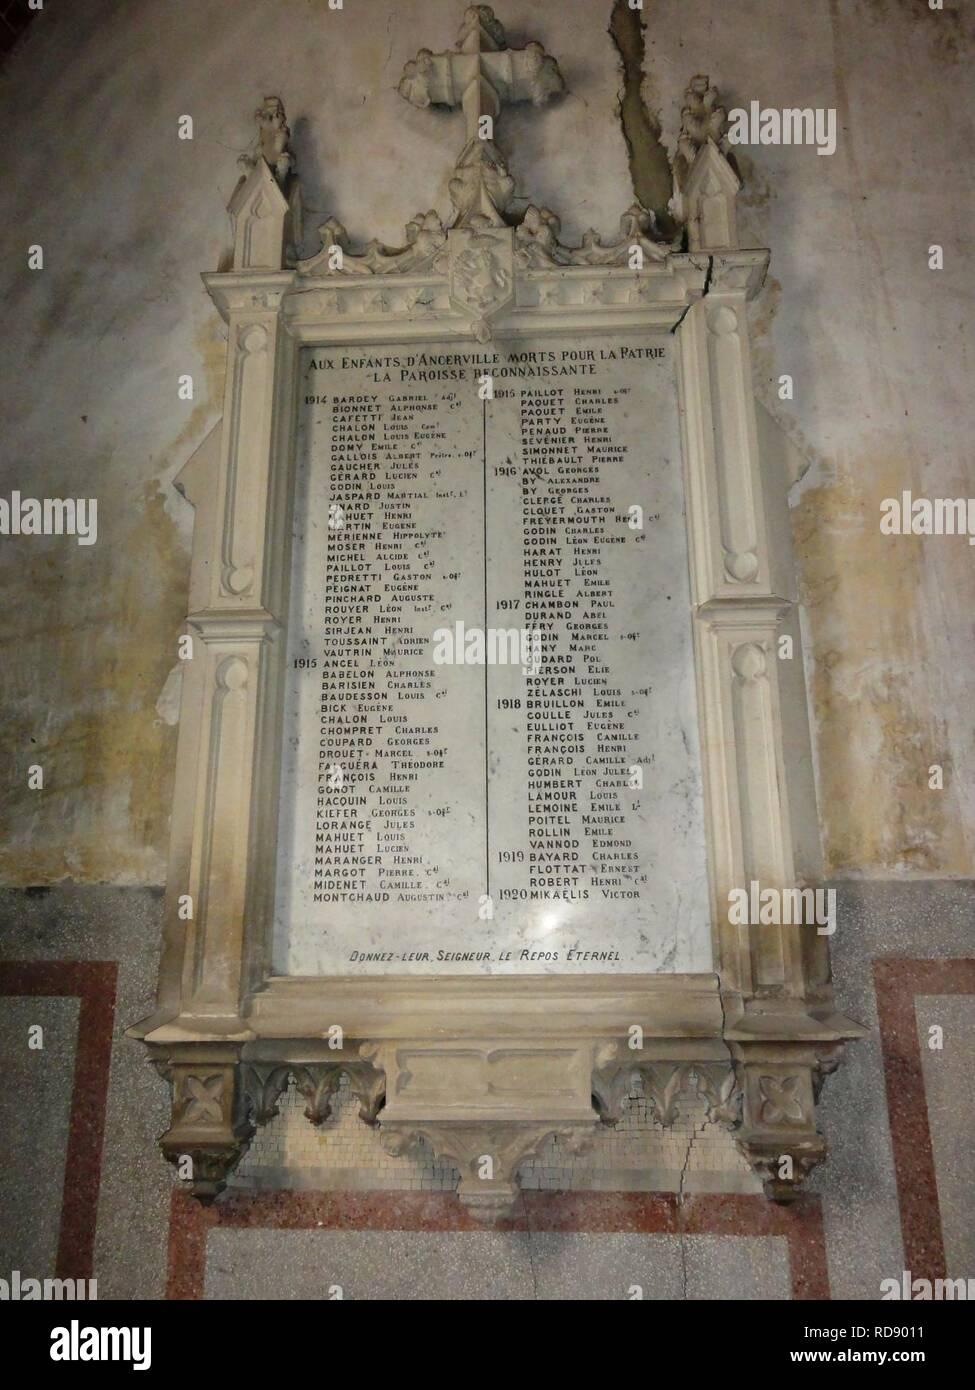 Ancerville (Meuse) église (12) plaque monument aux morts 1914-1920. - Stock Image